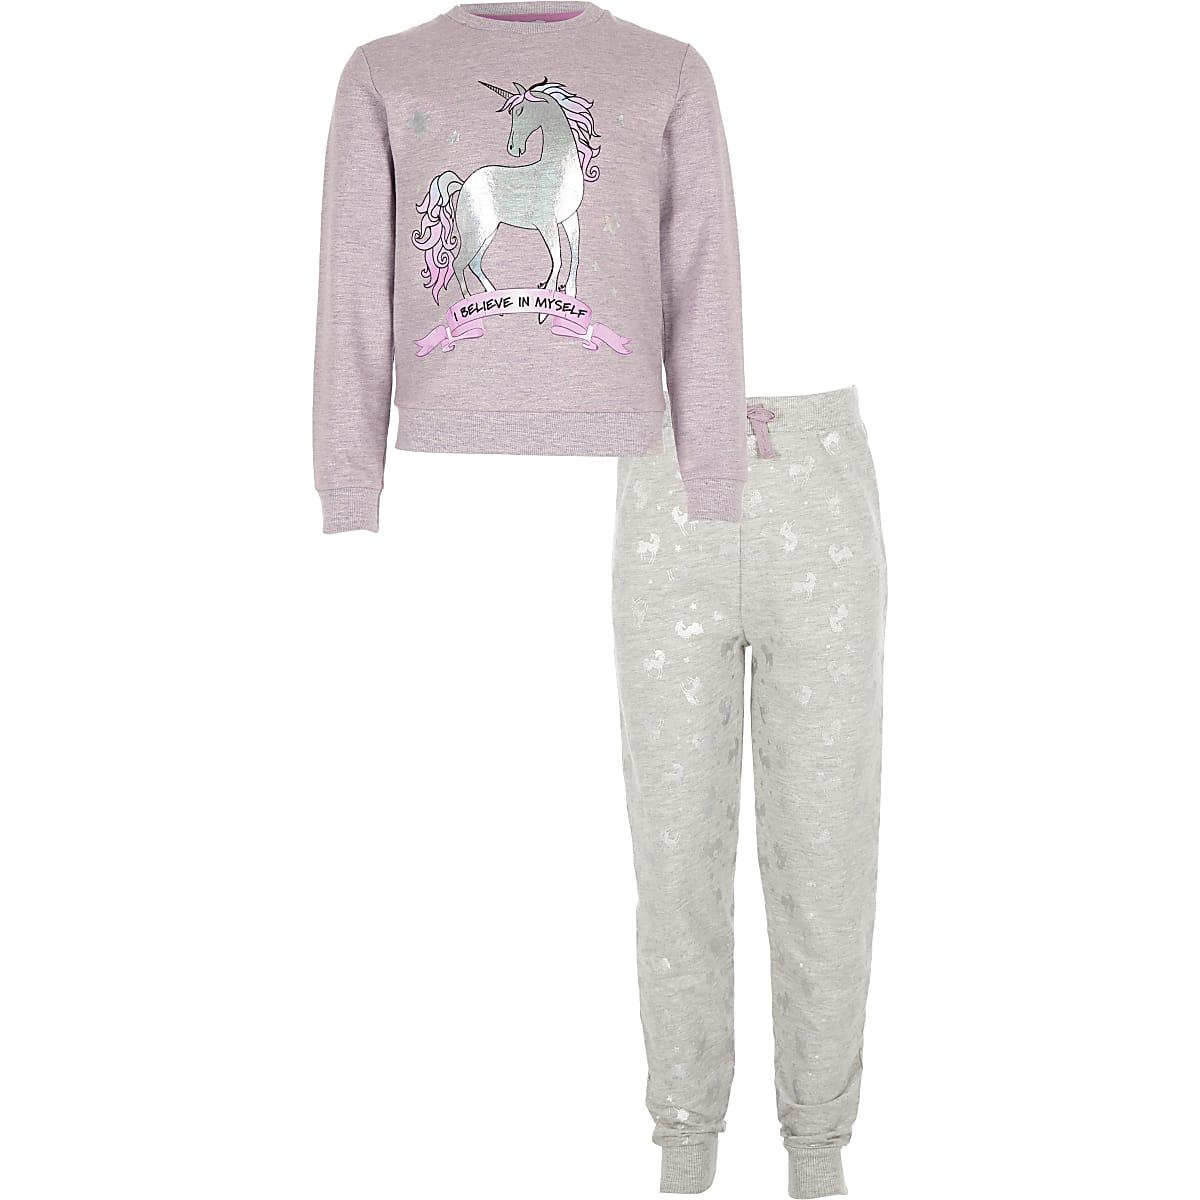 Girls purple unicorn pyjama set